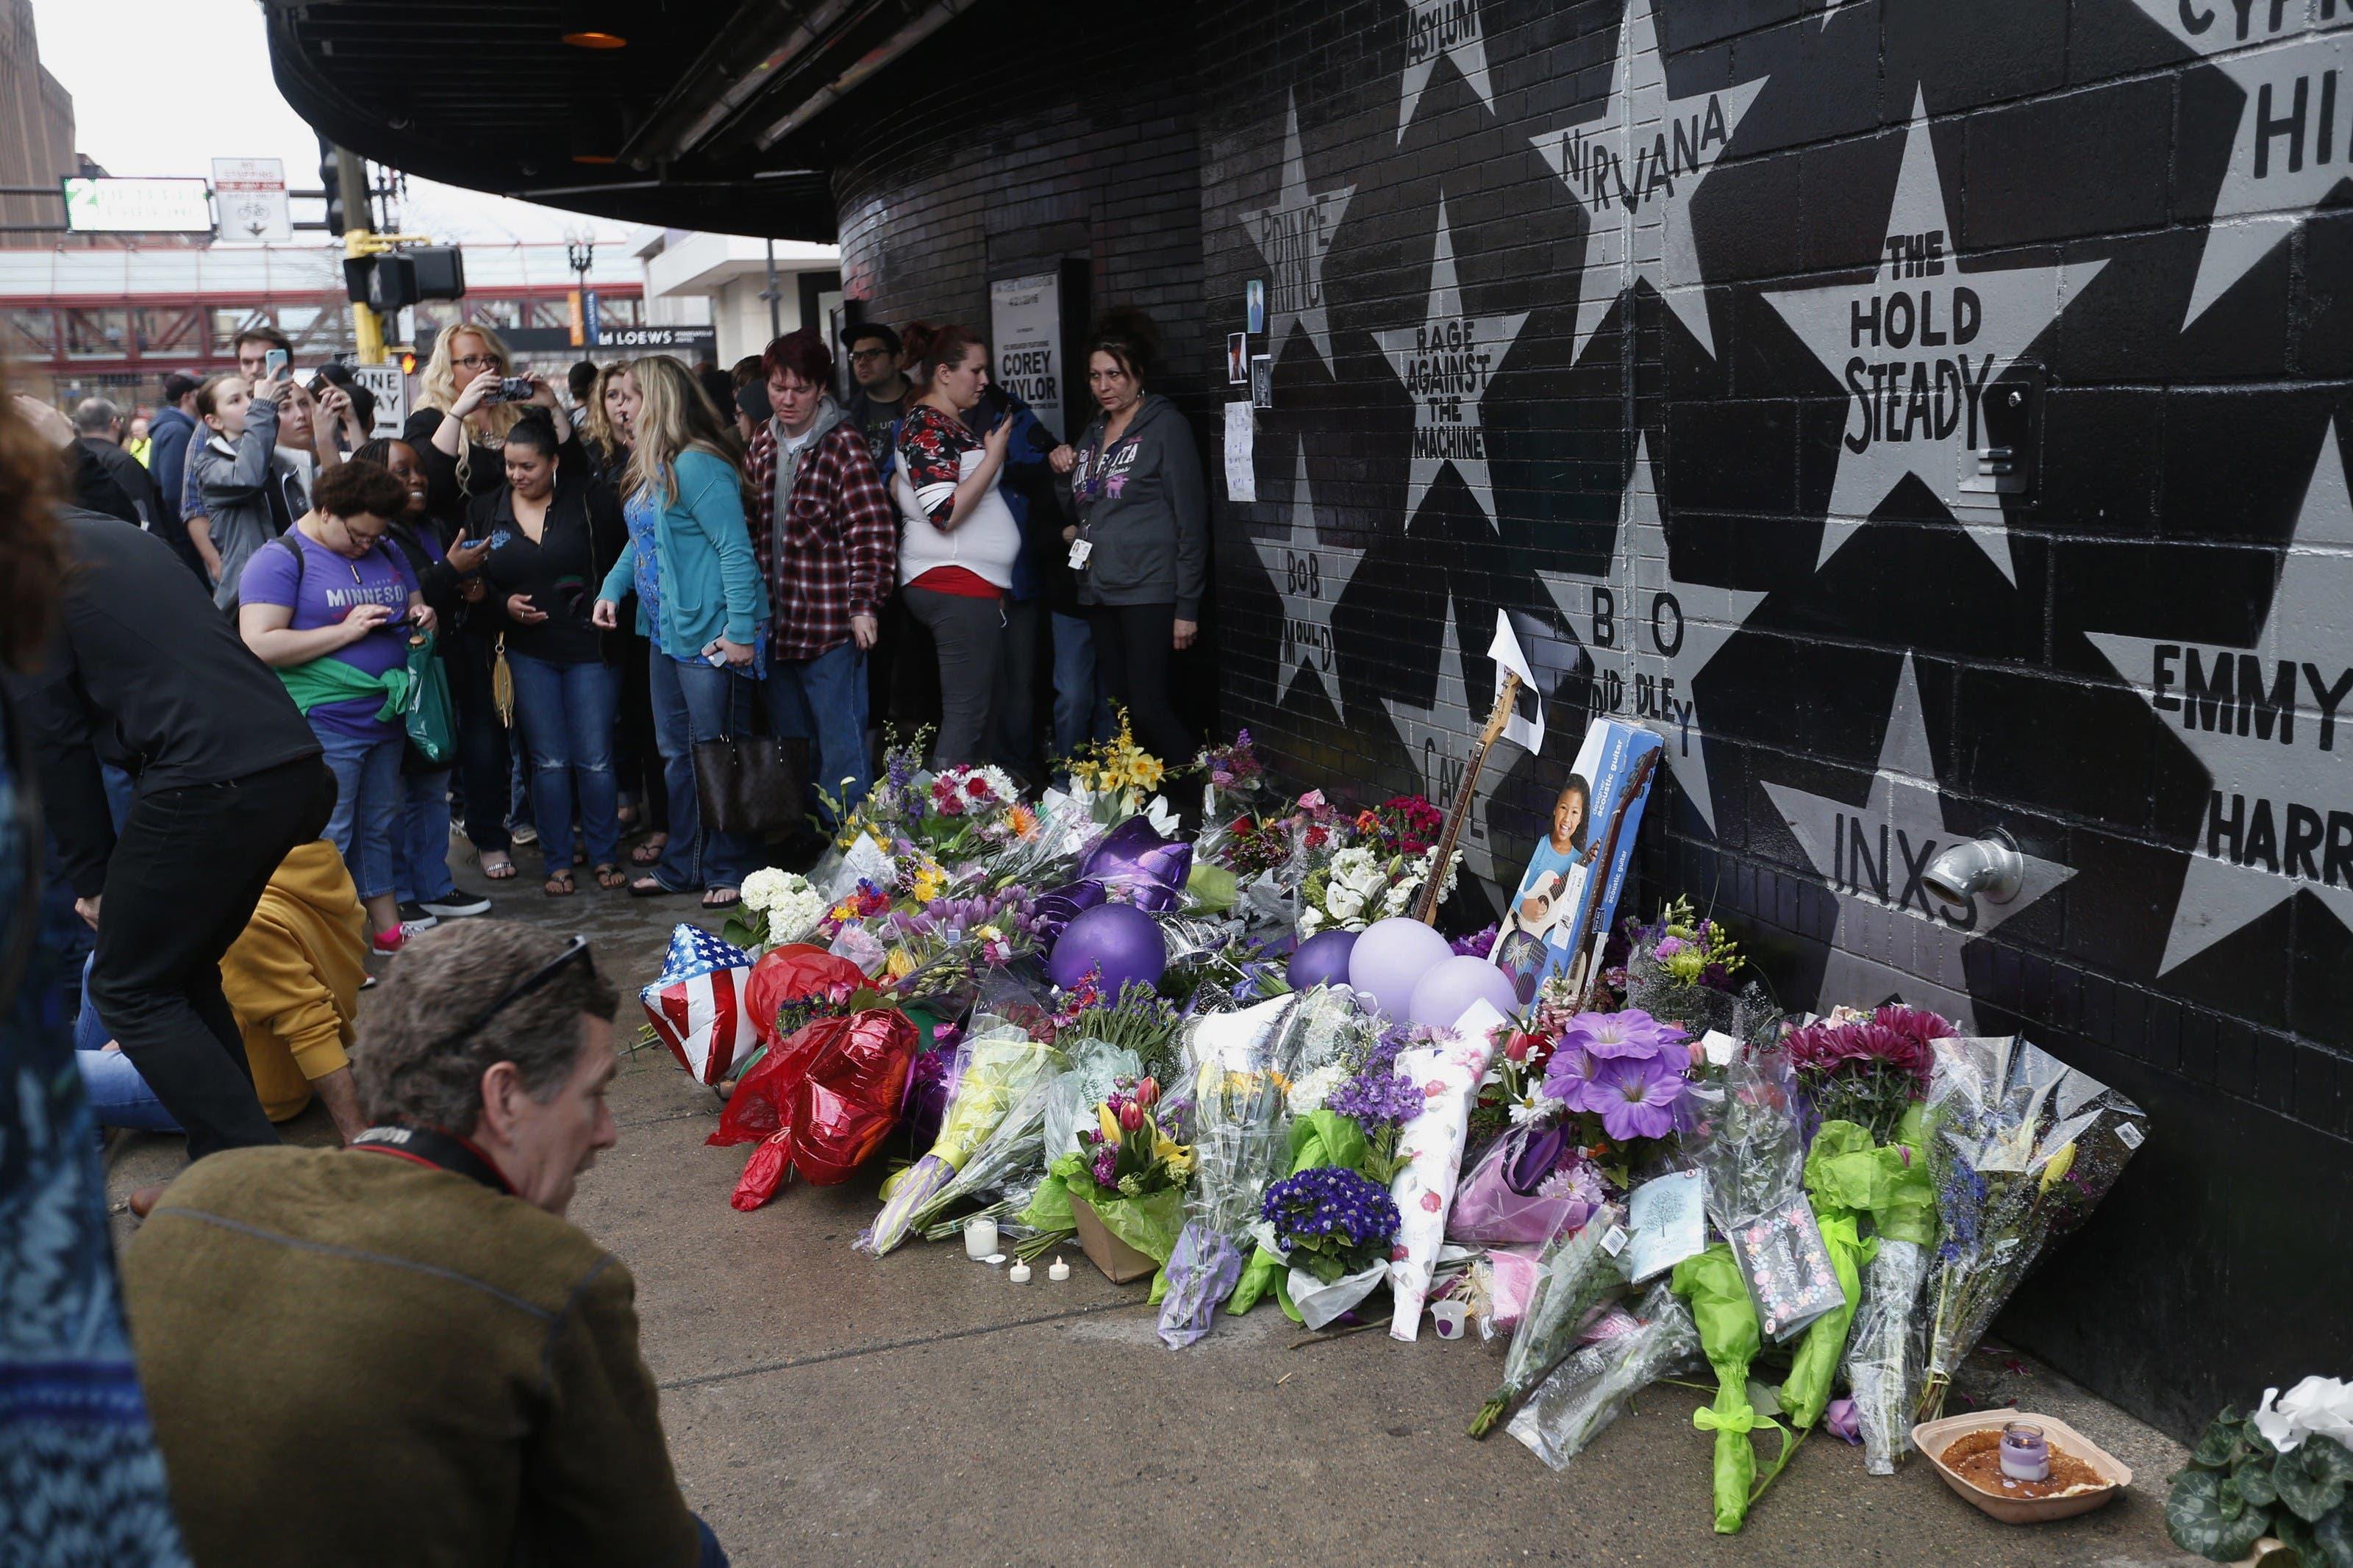 Menschen trauern um den verstorbenen Popstar bei seinem Stern am «First Avenue»-Club in Minneapolis.